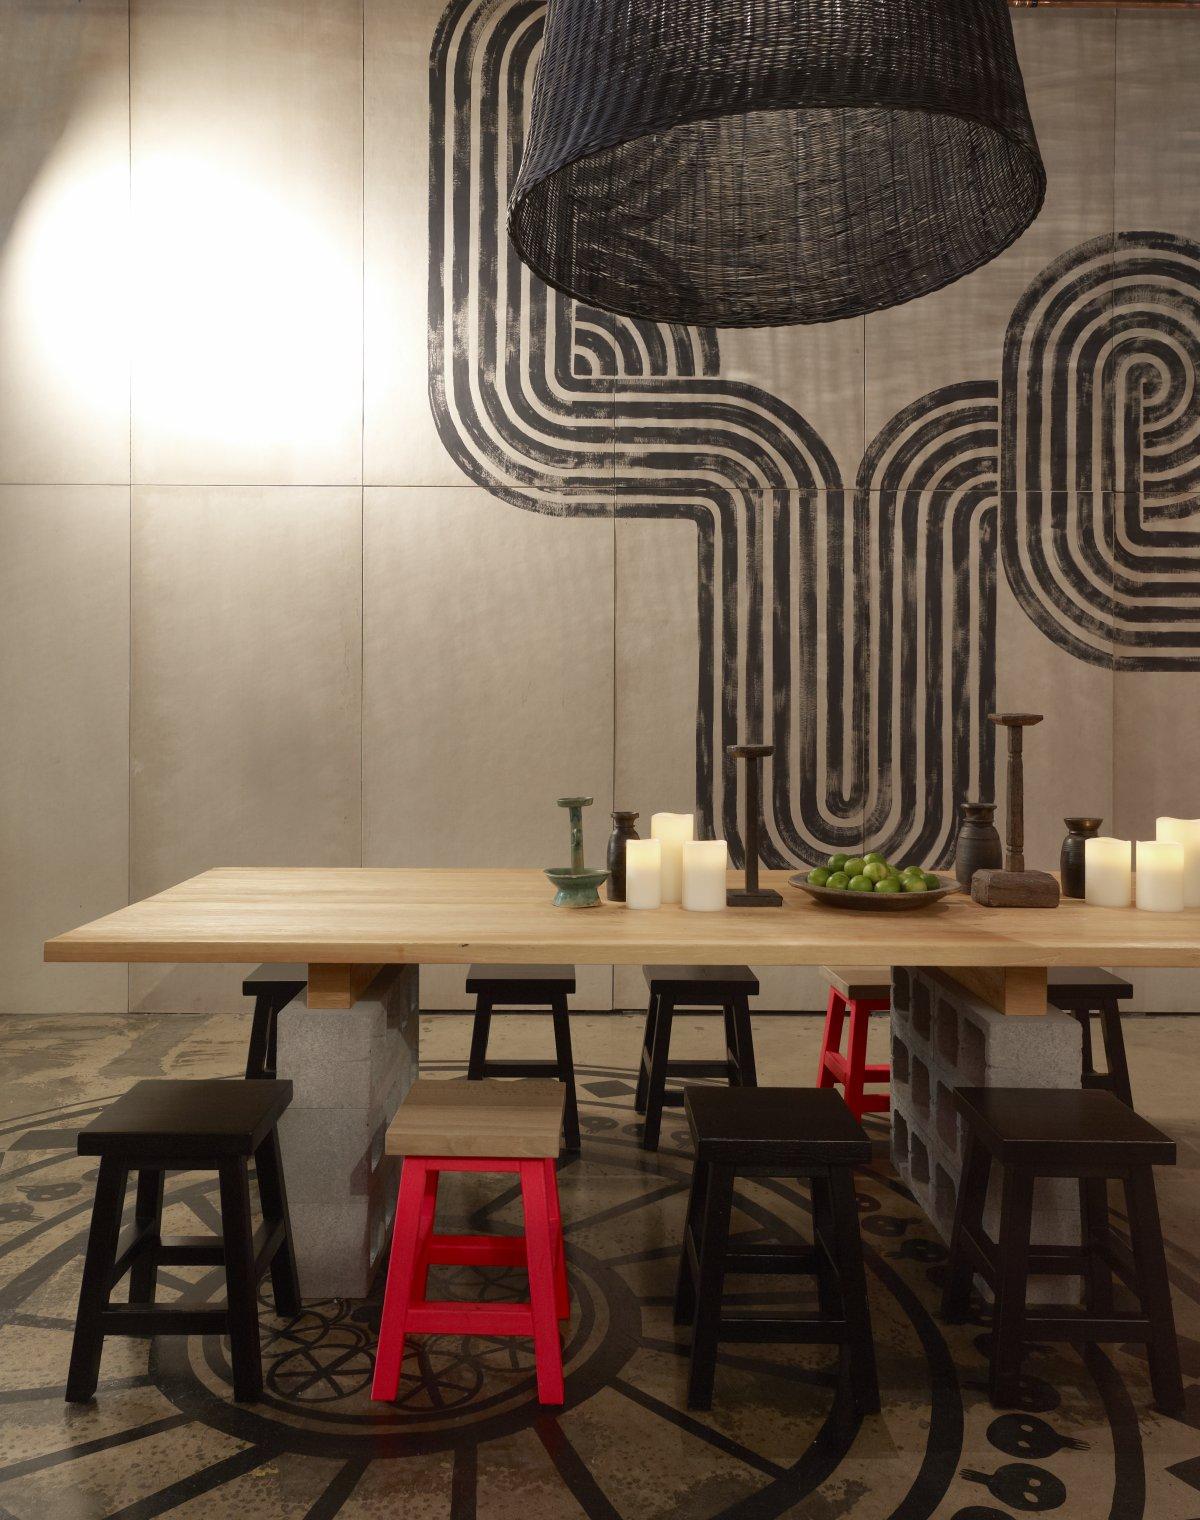 Mejico Restaurant - Juicy Design